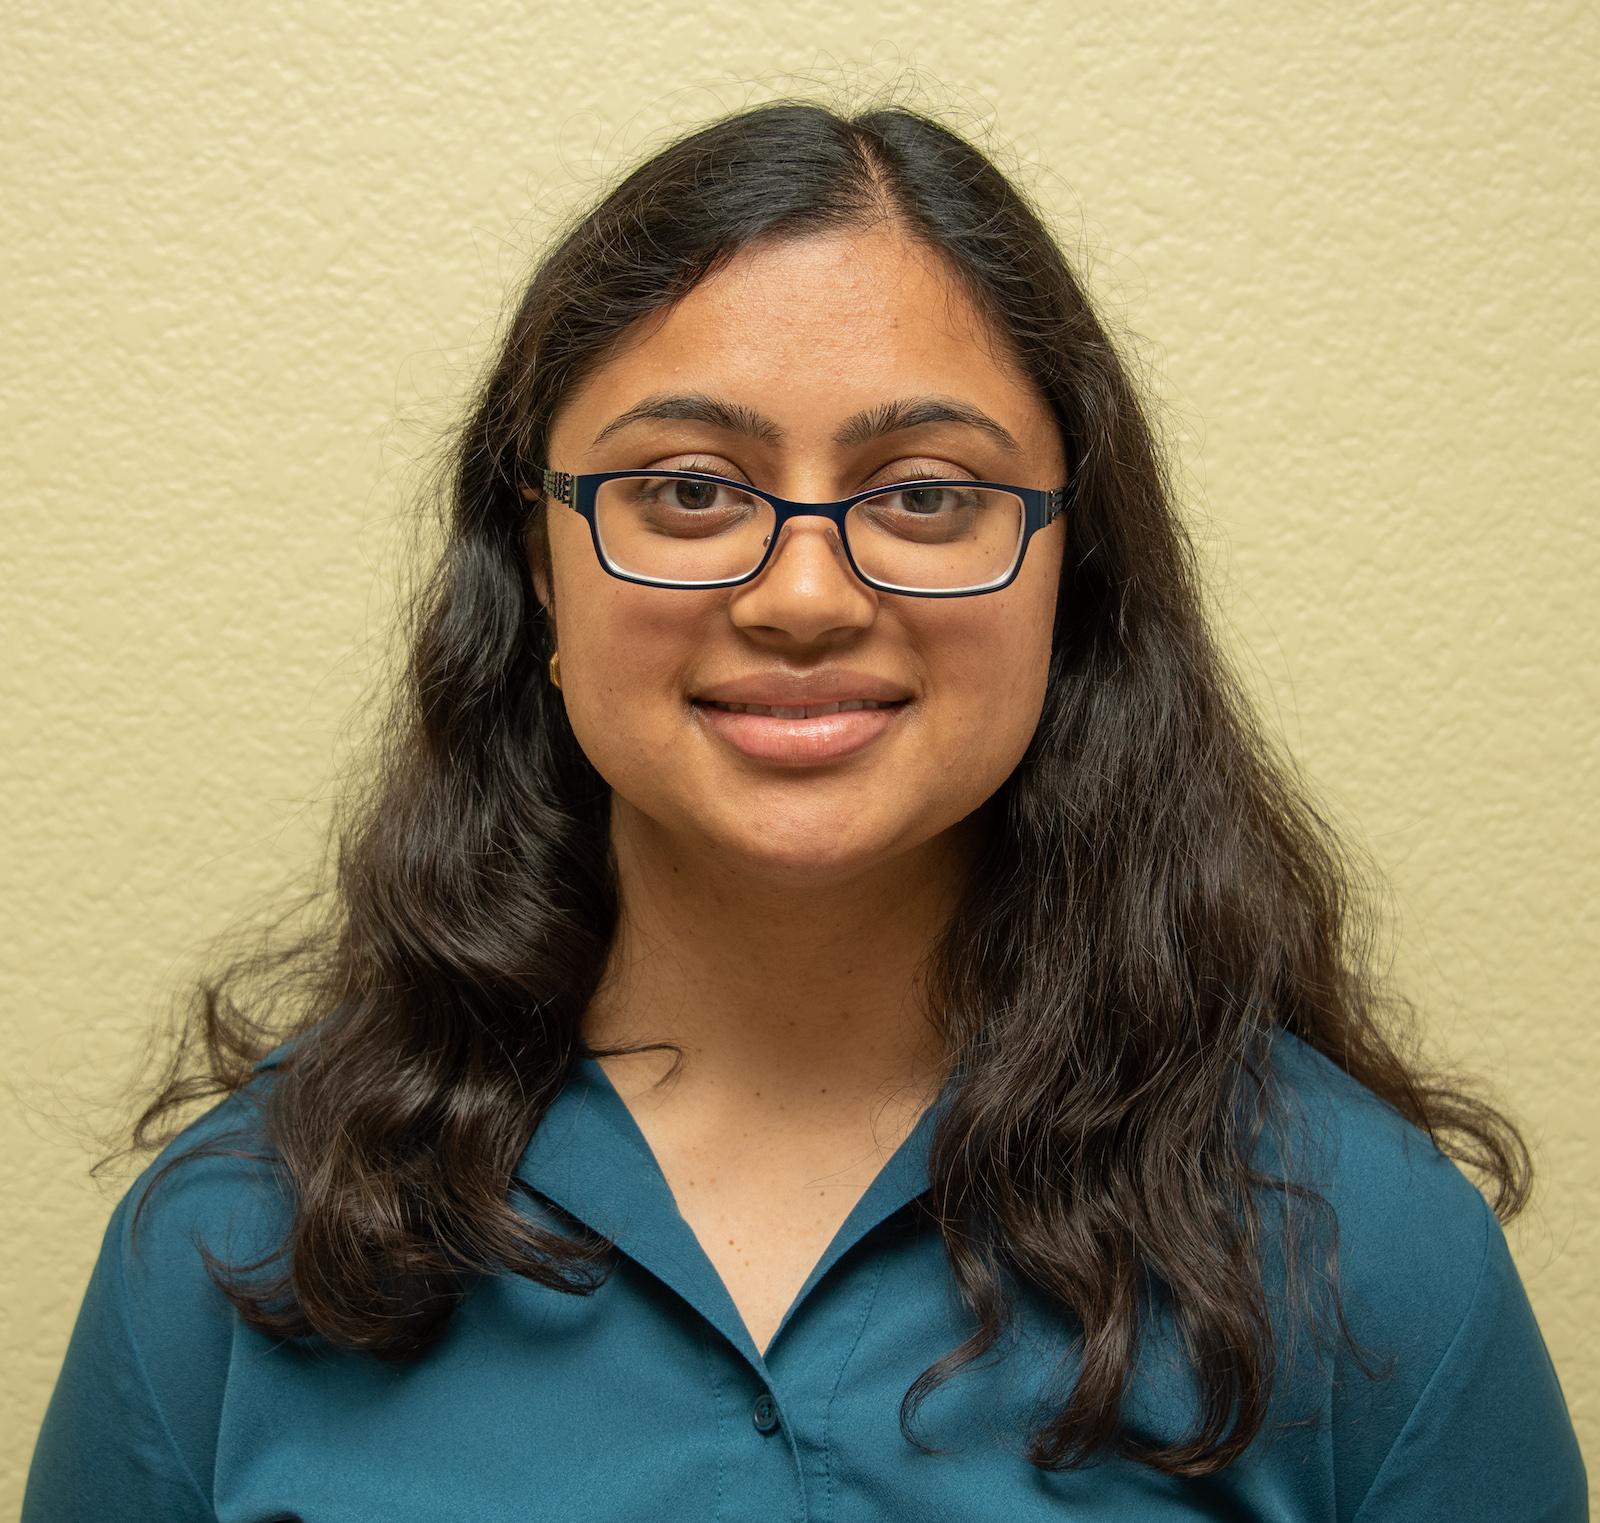 Priyanka Sanghavi